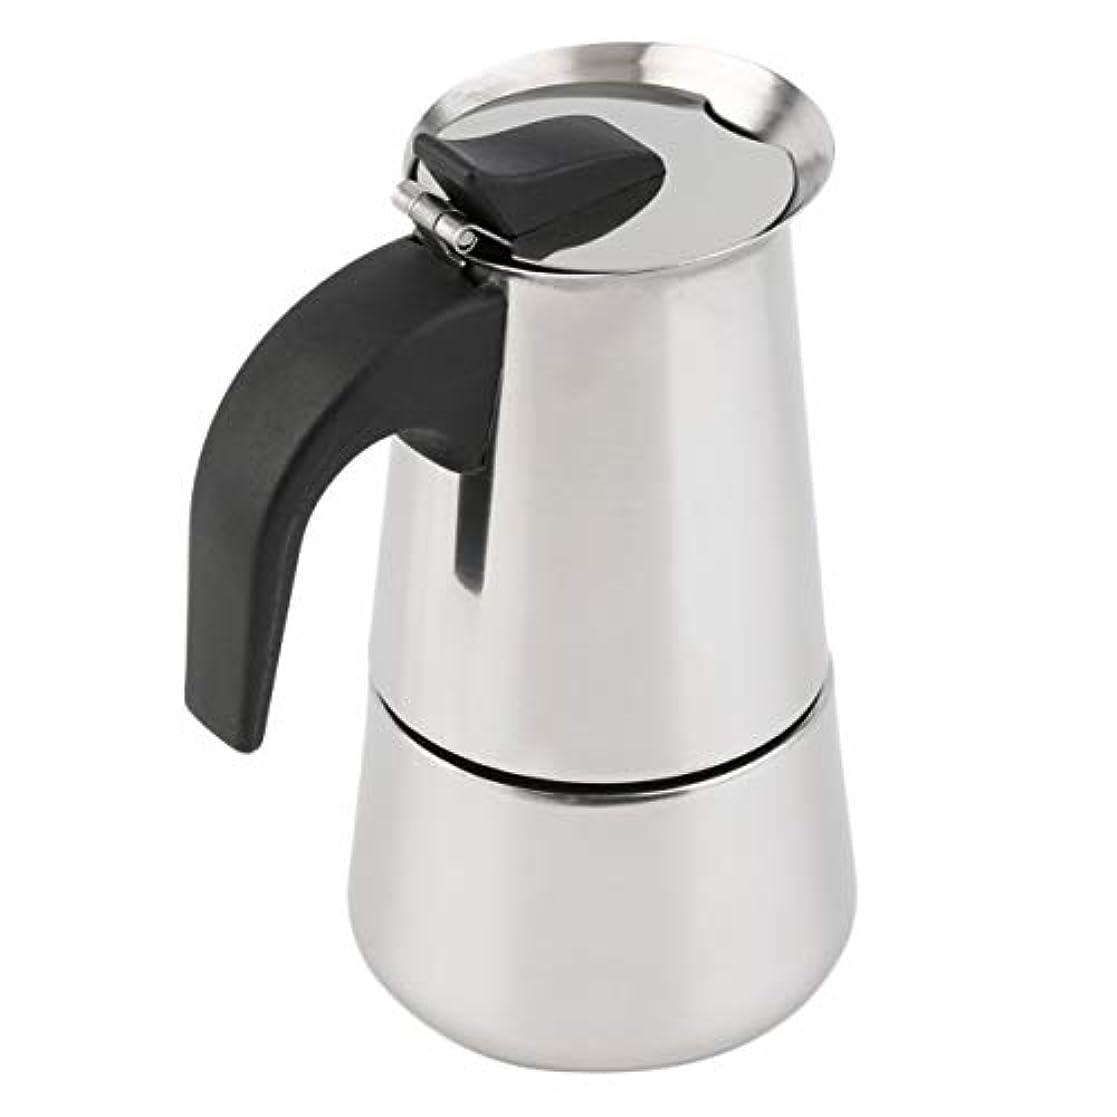 指受け入れ正気Saikogoods 2/4/6カップパーコレーターストーブトップのコーヒーメーカーモカエスプレッソラテステンレスポットホット販売 銀 6カップ